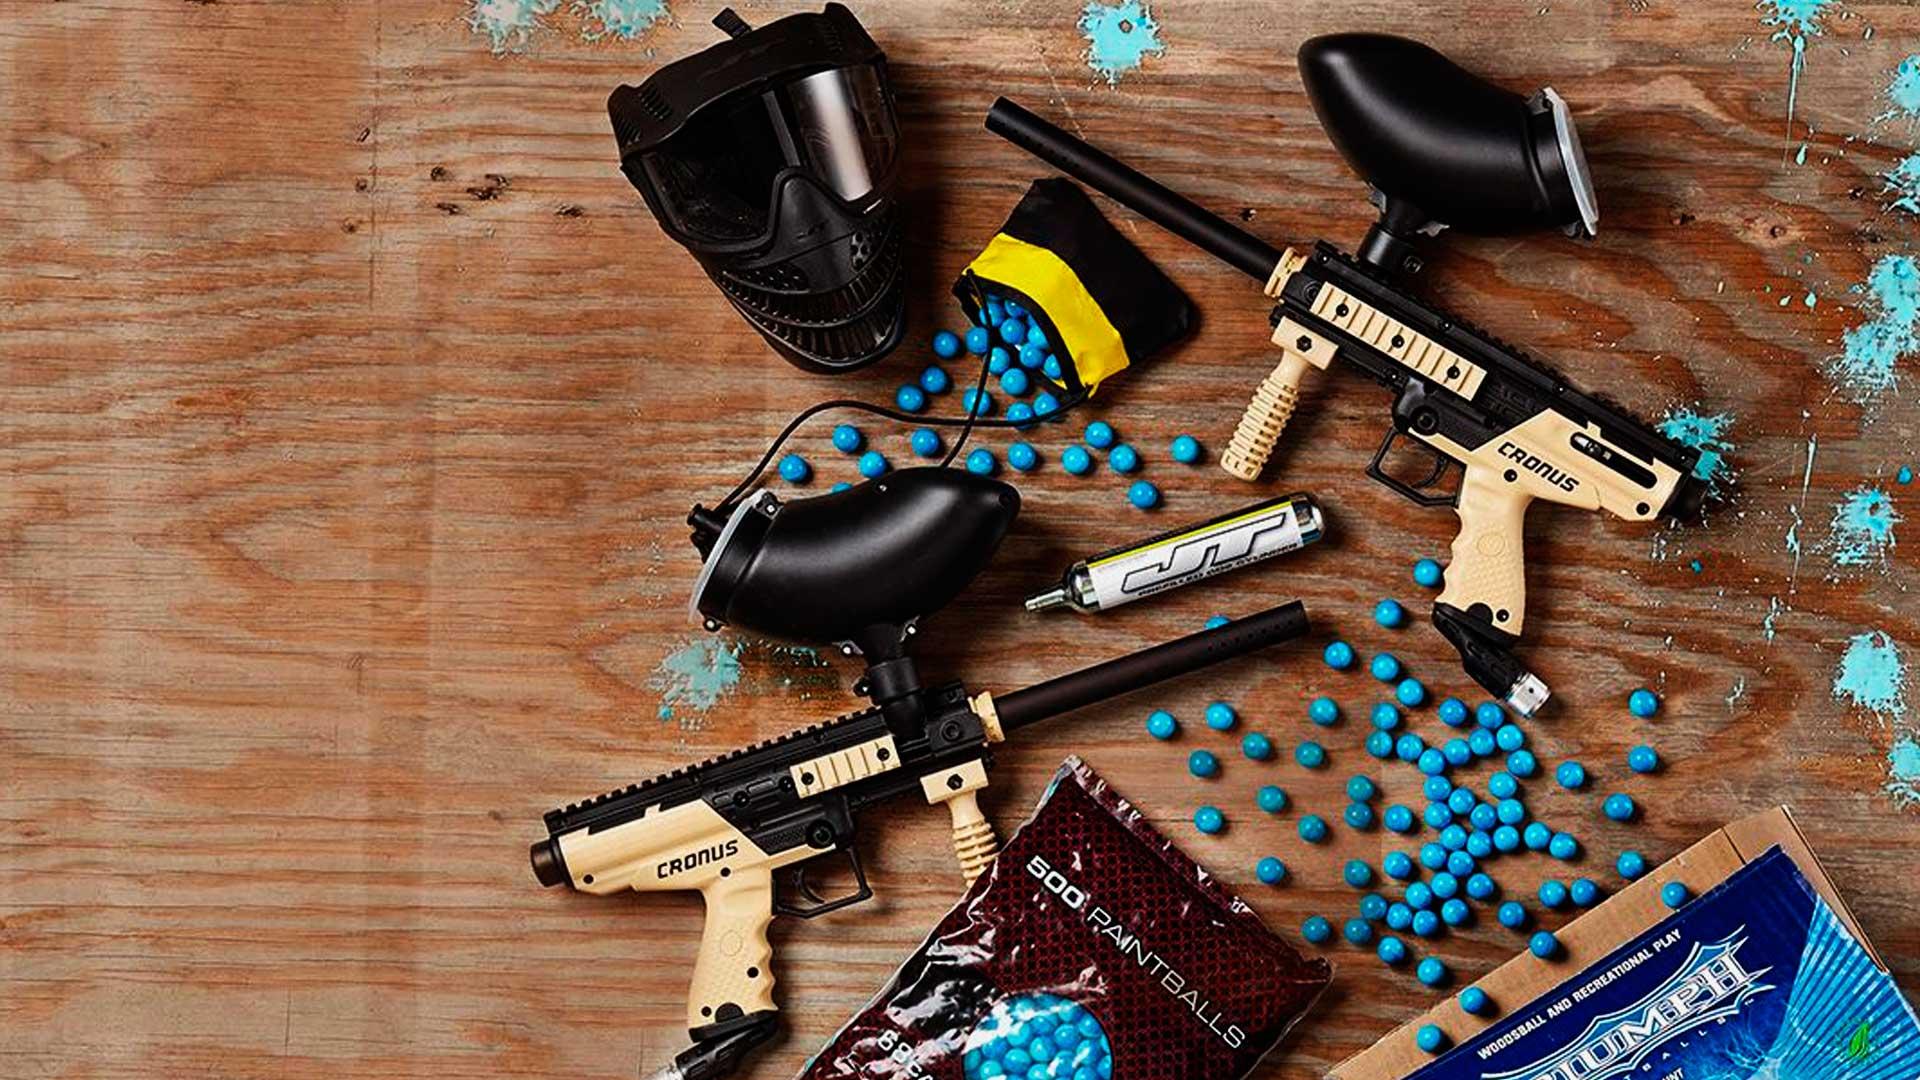 Equipamentos para jogar paintball. Máscara de proteção, marcador e bolinhas de tinta.